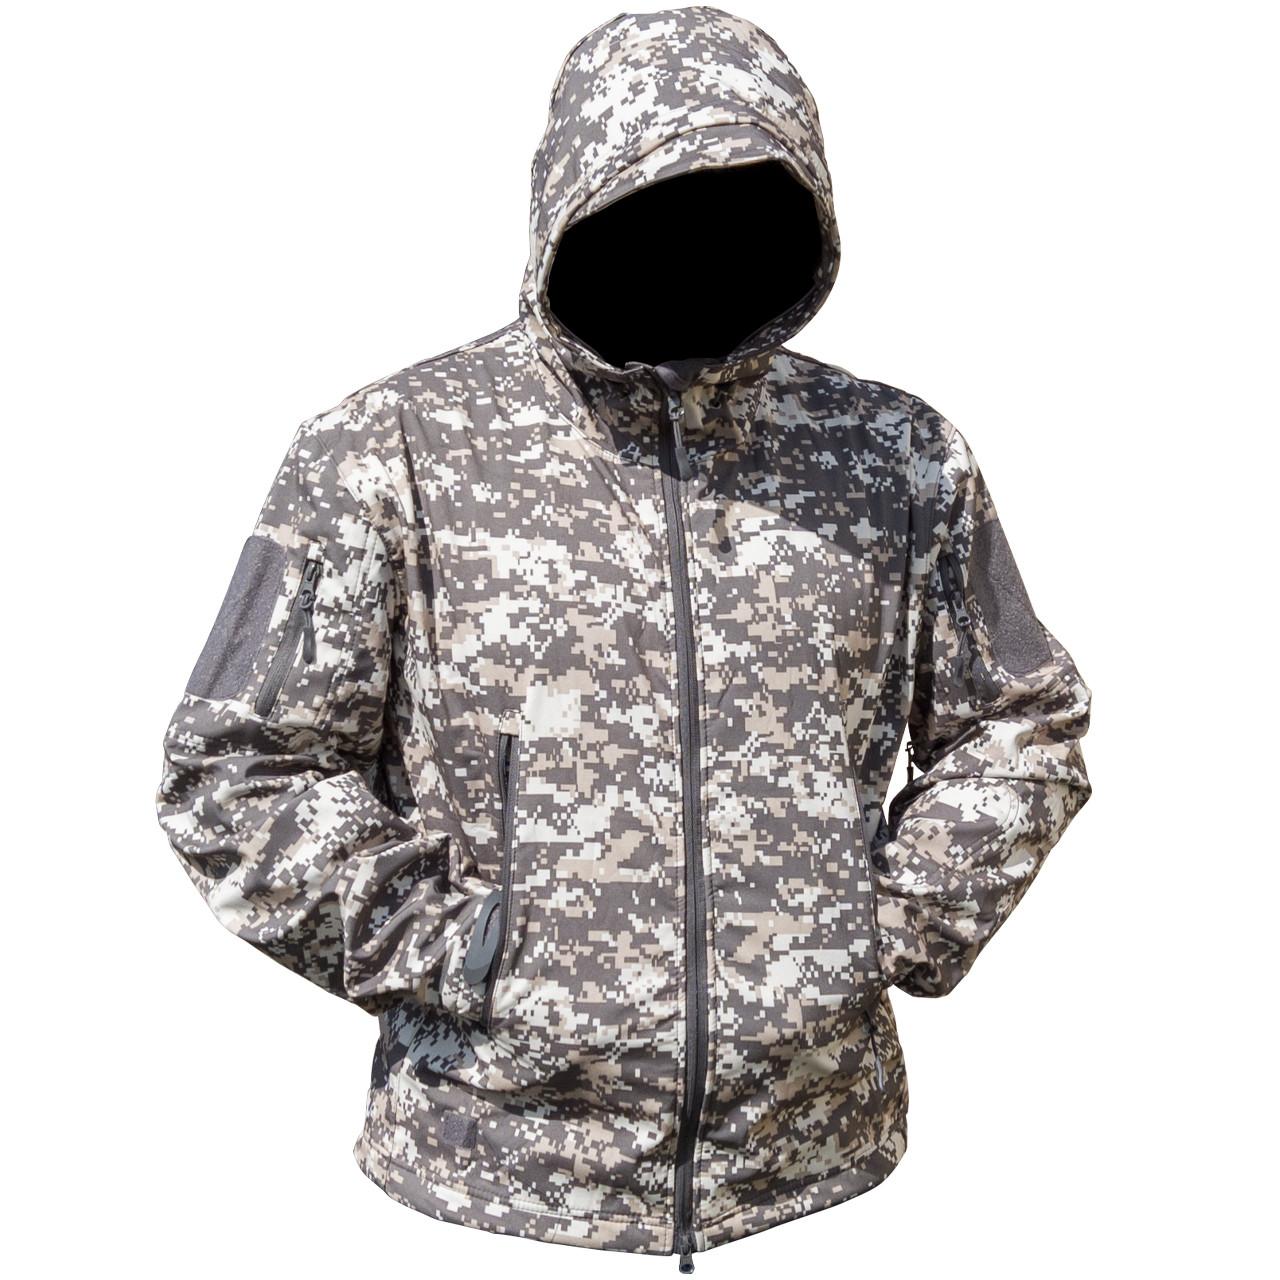 Тактическая куртка Soft Shell Lesko A001 Pixel M мужская влагозащищенная ветрозащитная ветровка камуфляж